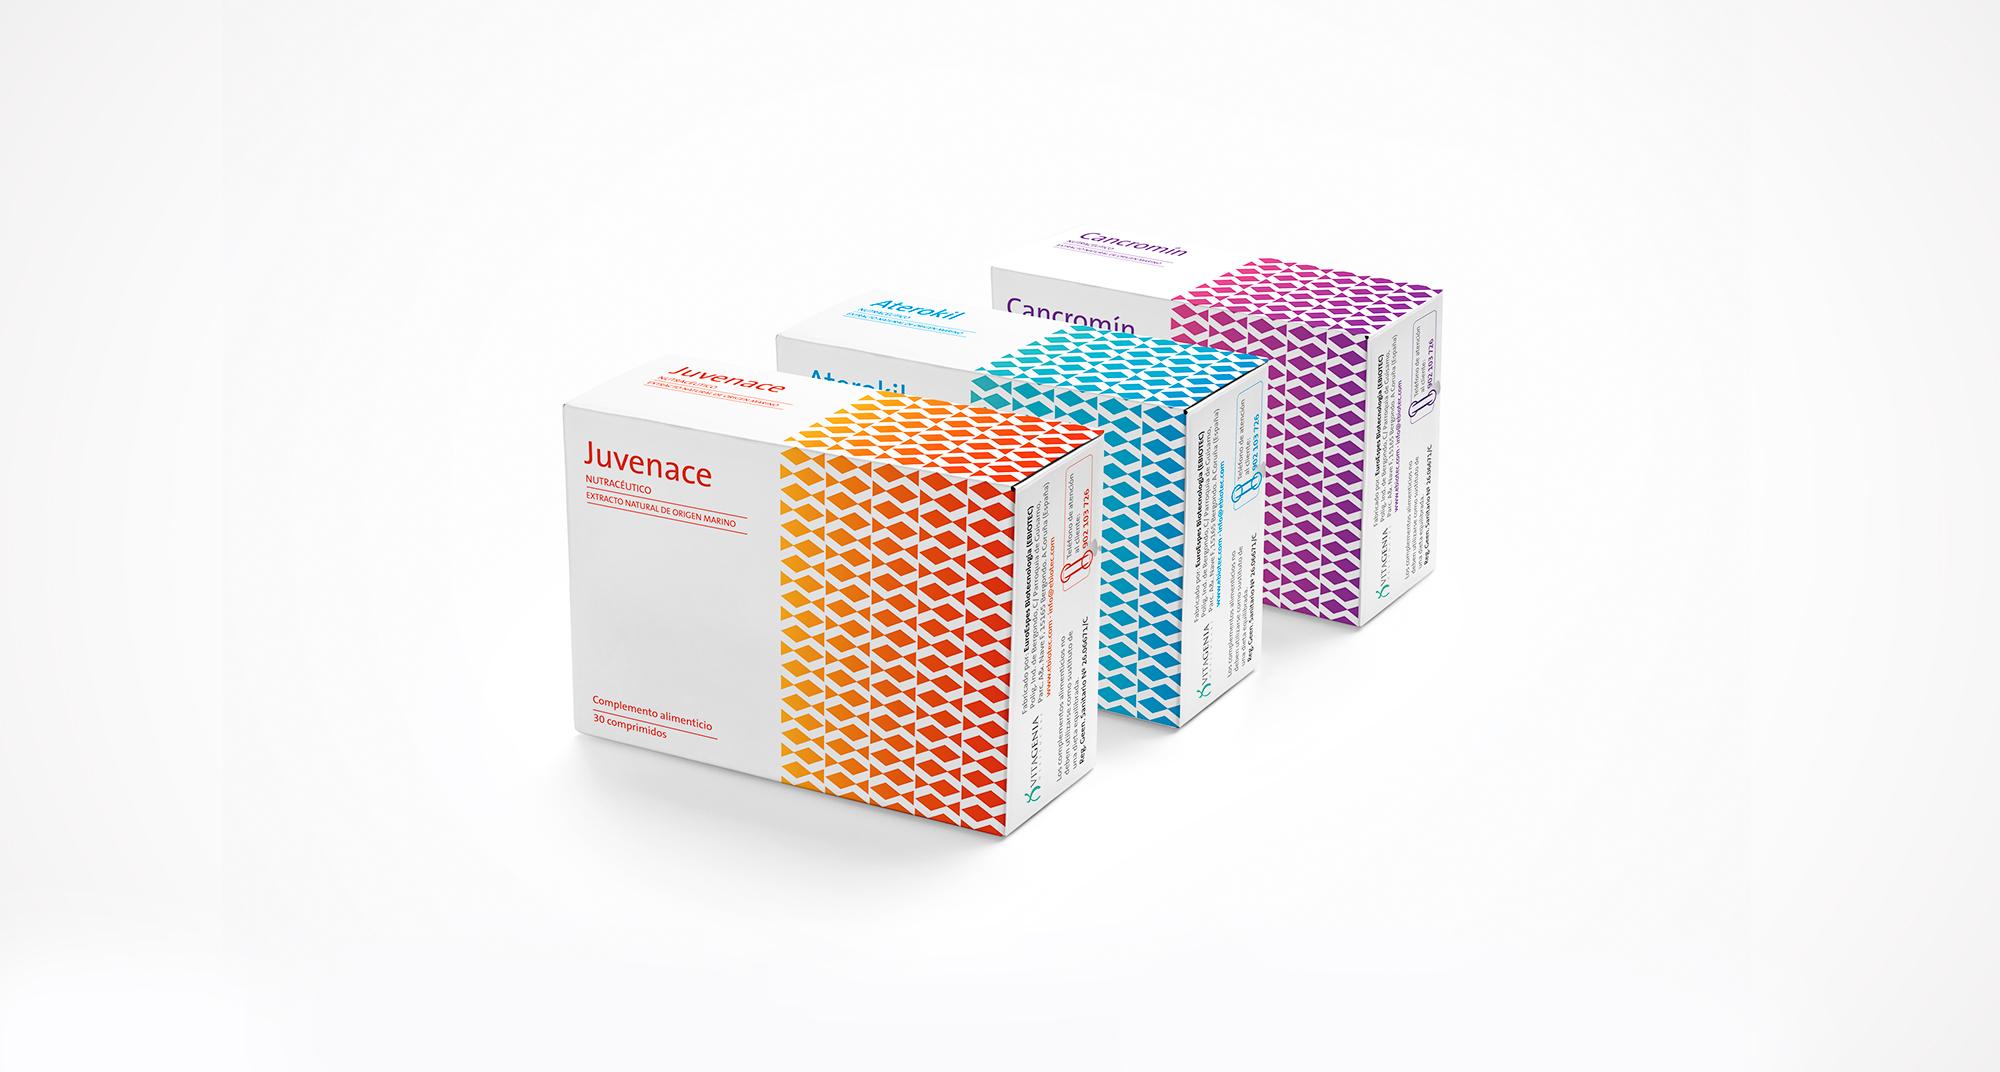 Diseño de packaging para nutracéuticos en los que se juega con la gama de colores